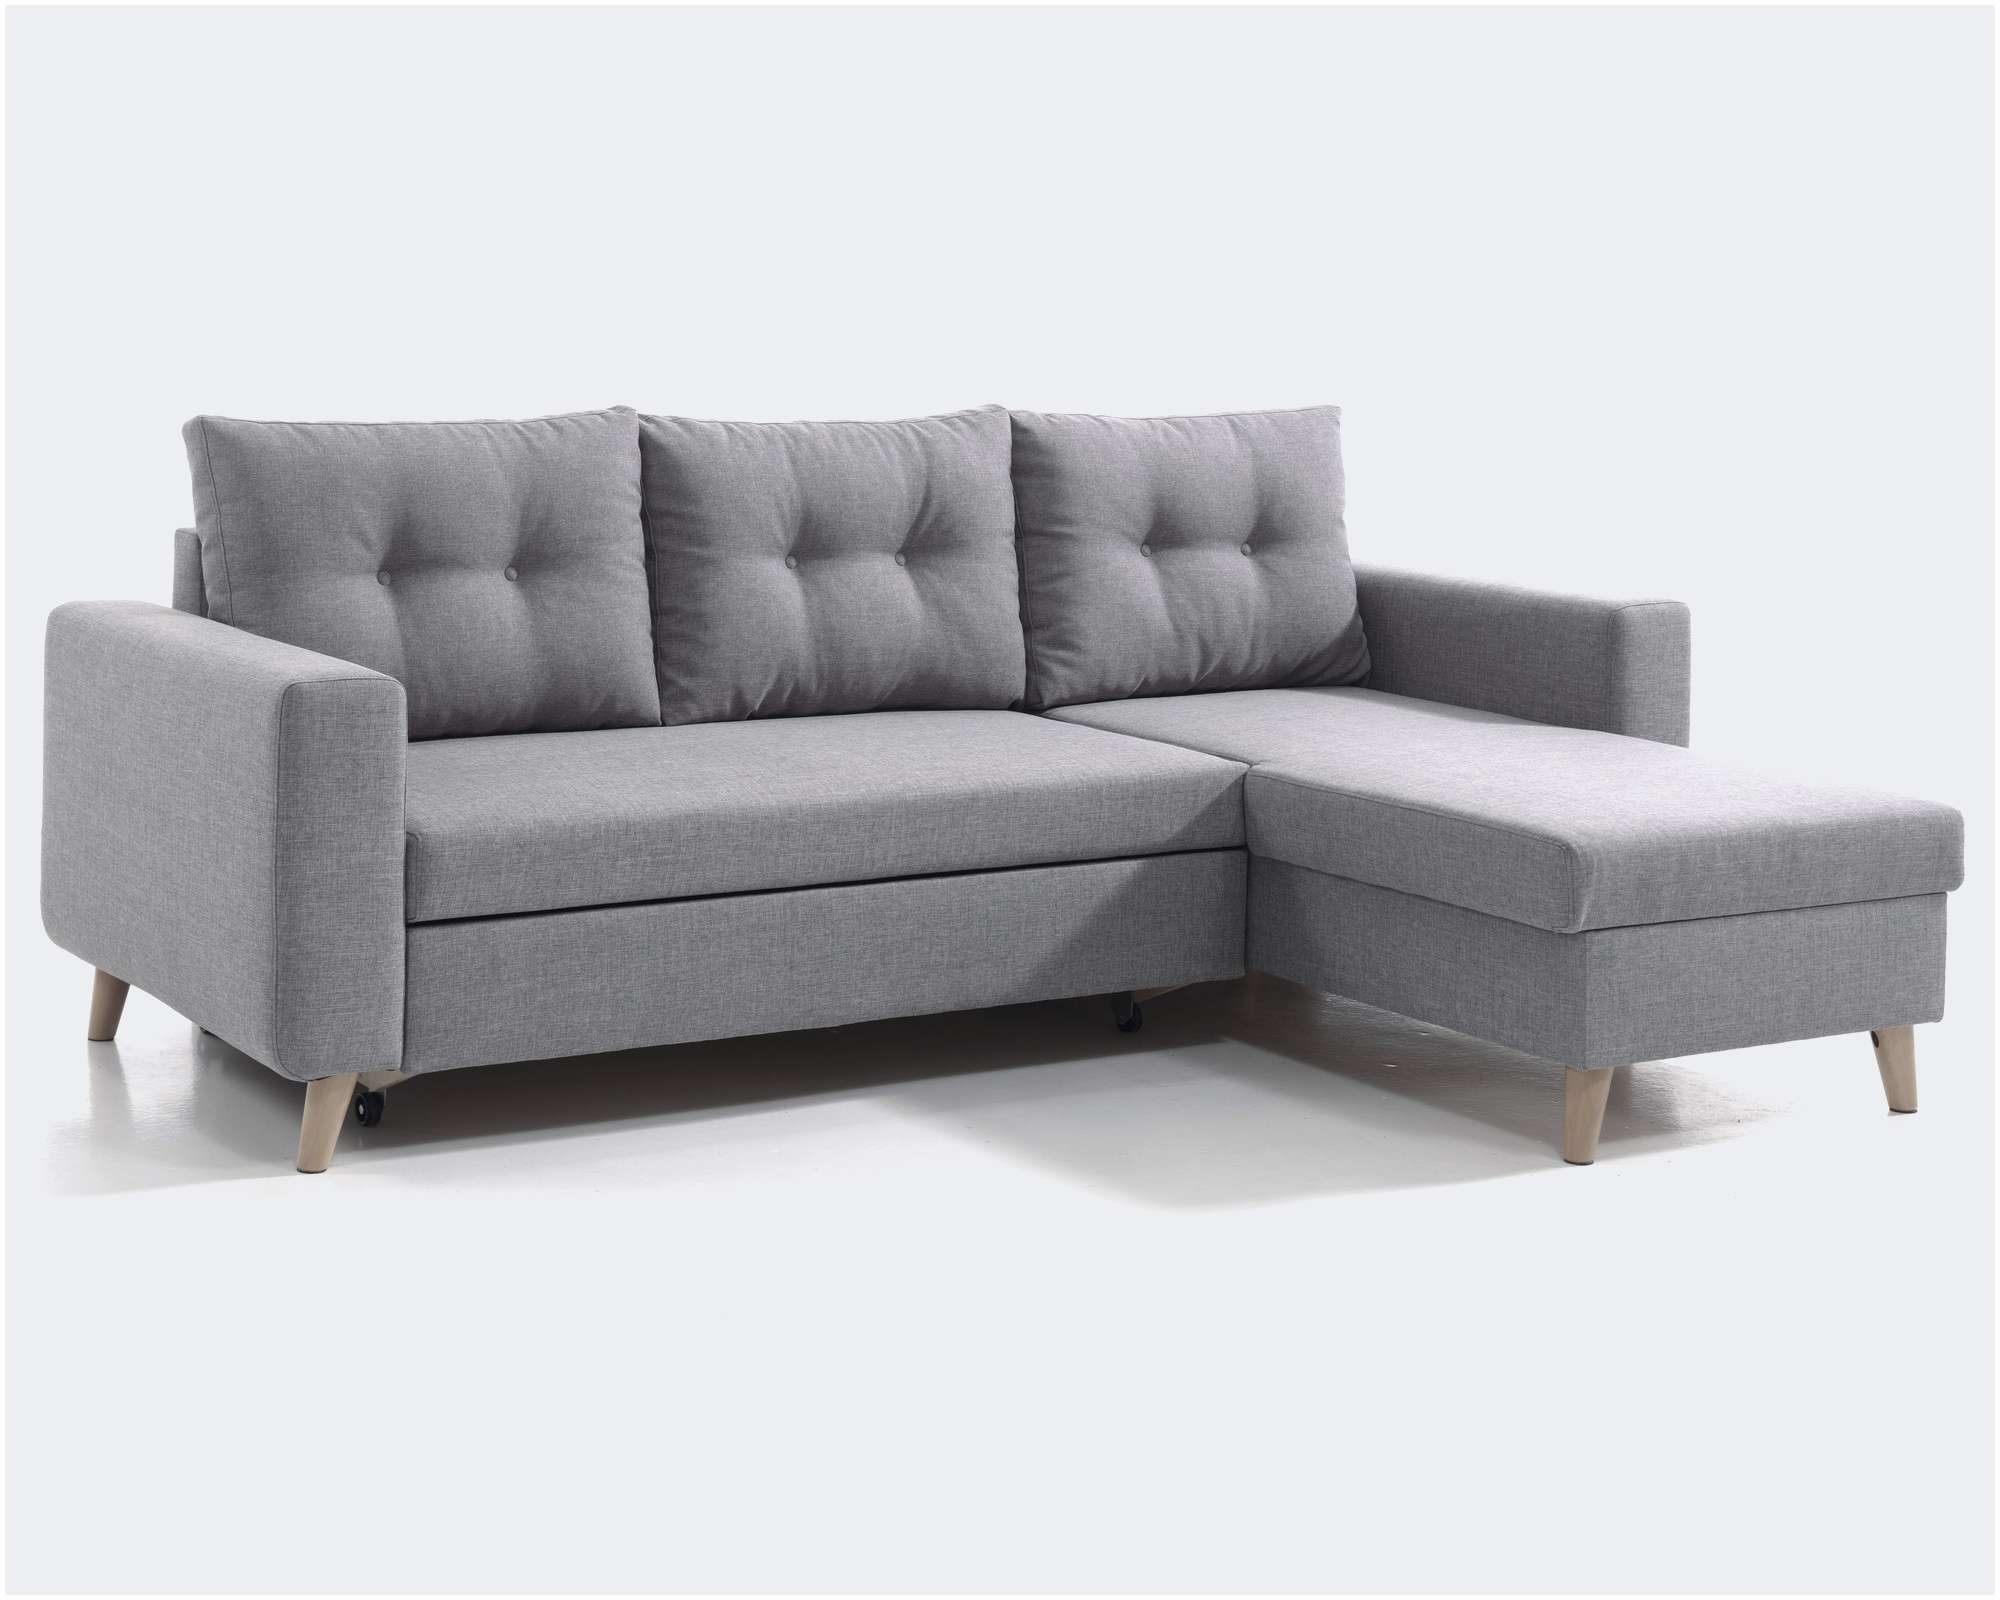 Canapé Lit Confortable Génial Nouveau Matelas Pour Canape Lit Pour Alternative Matelas Pour